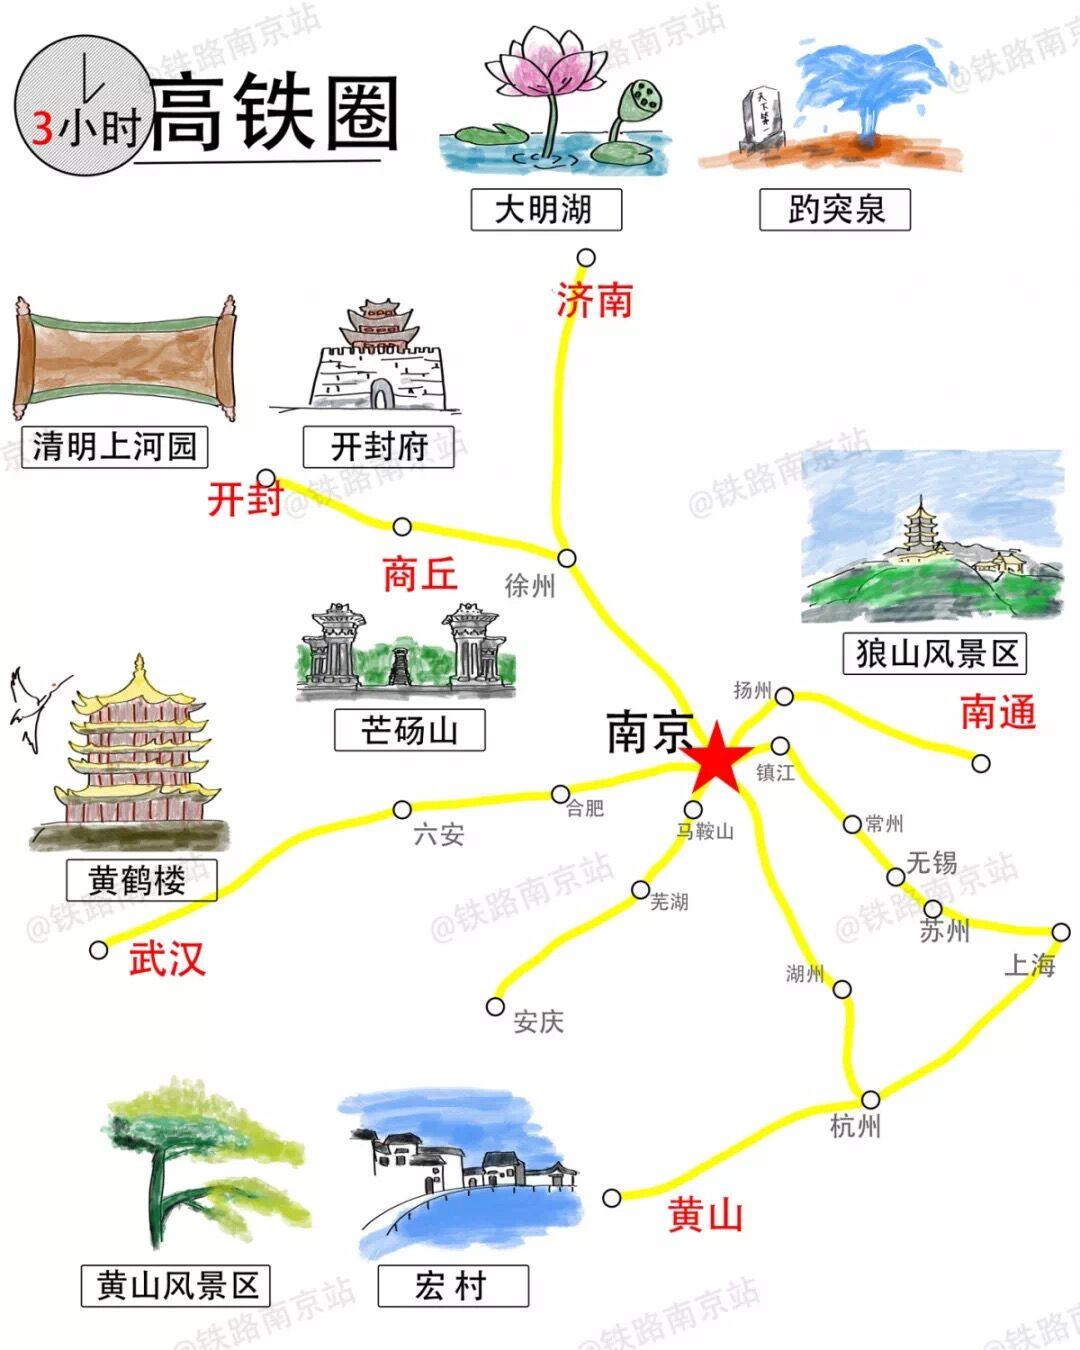 南京铁路发布1—4小时高铁旅游地图,快来看看周末去哪儿打卡